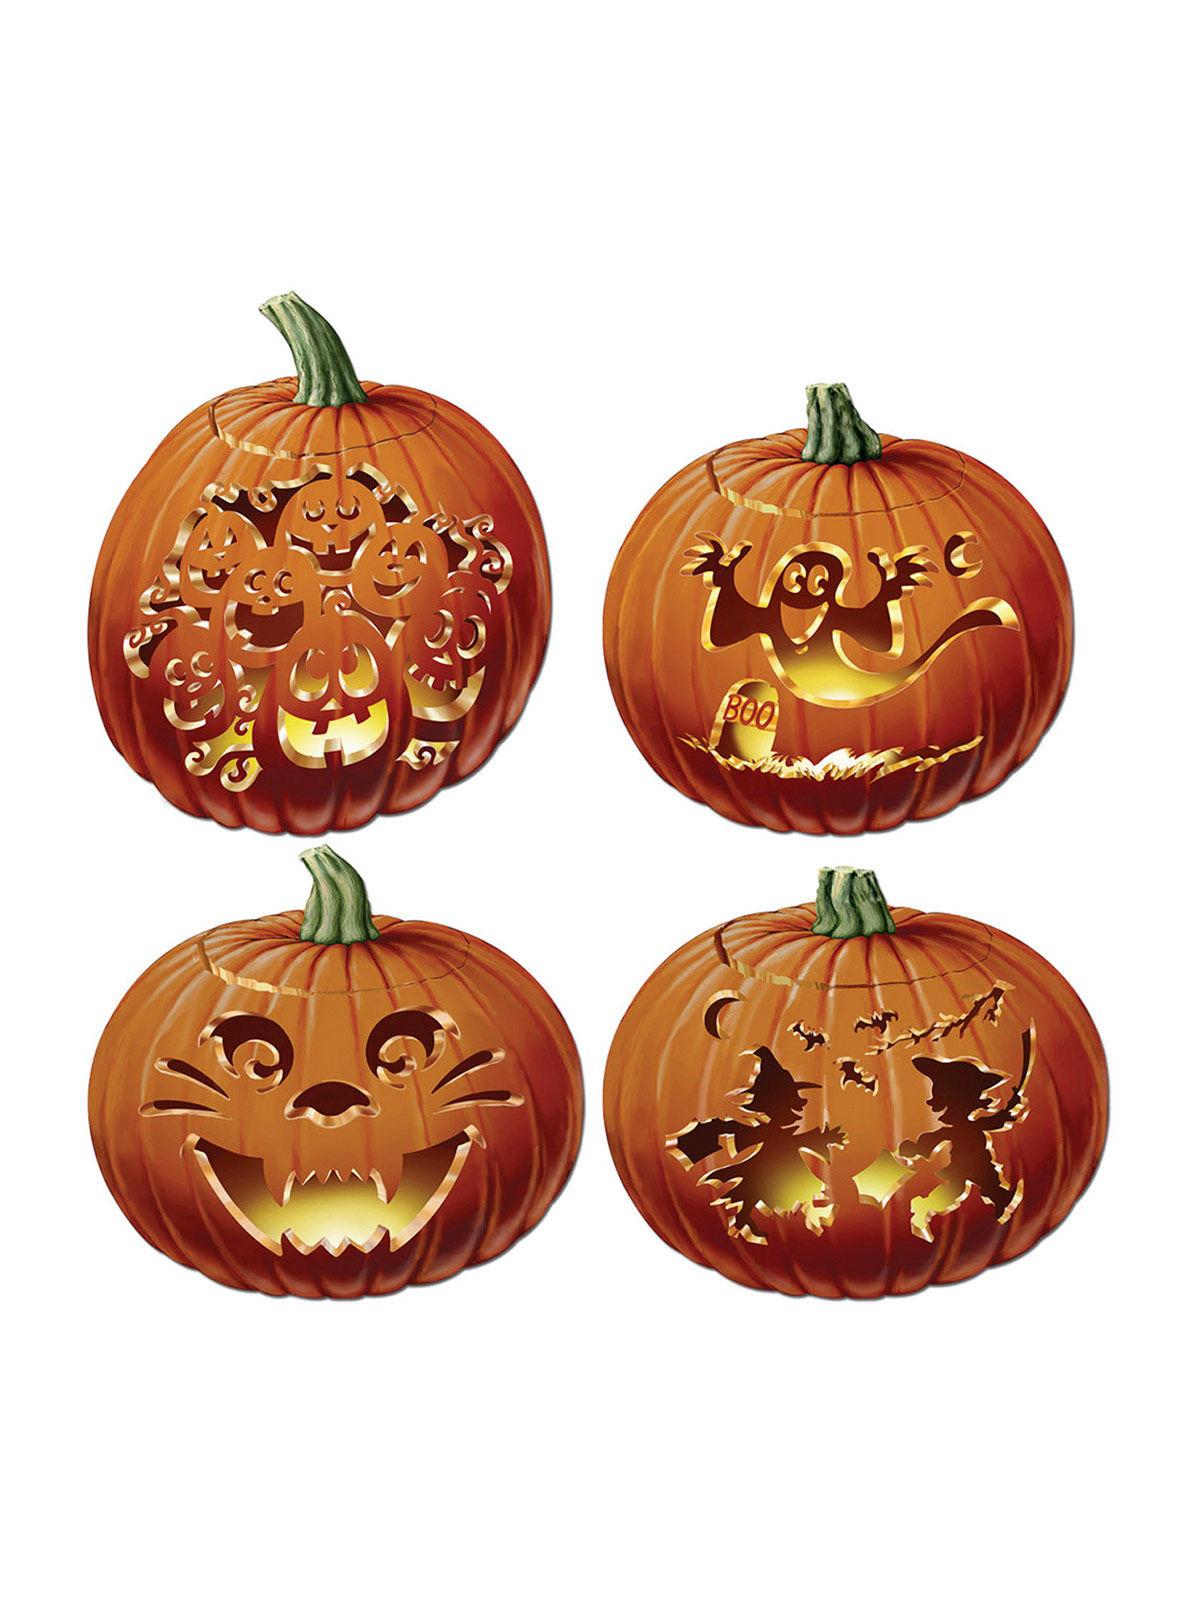 4 calabazas decoradas Halloween 36 cm Decoraciny disfraces